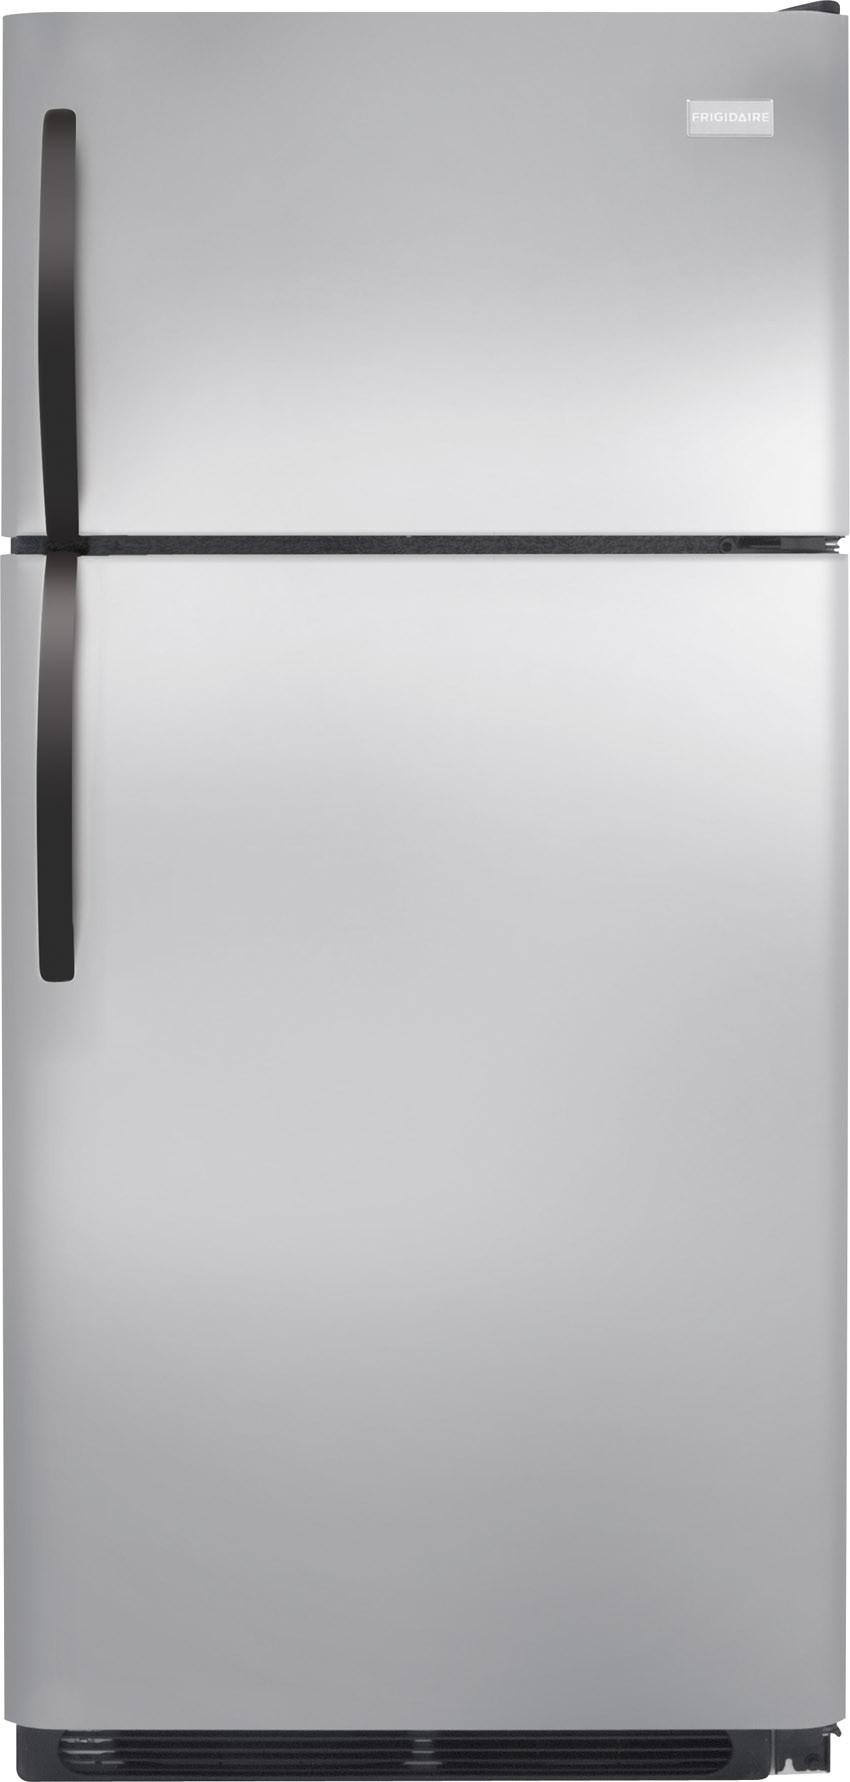 Frigidaire Ffht1514qs 28 Inch Top Freezer Refrigerator